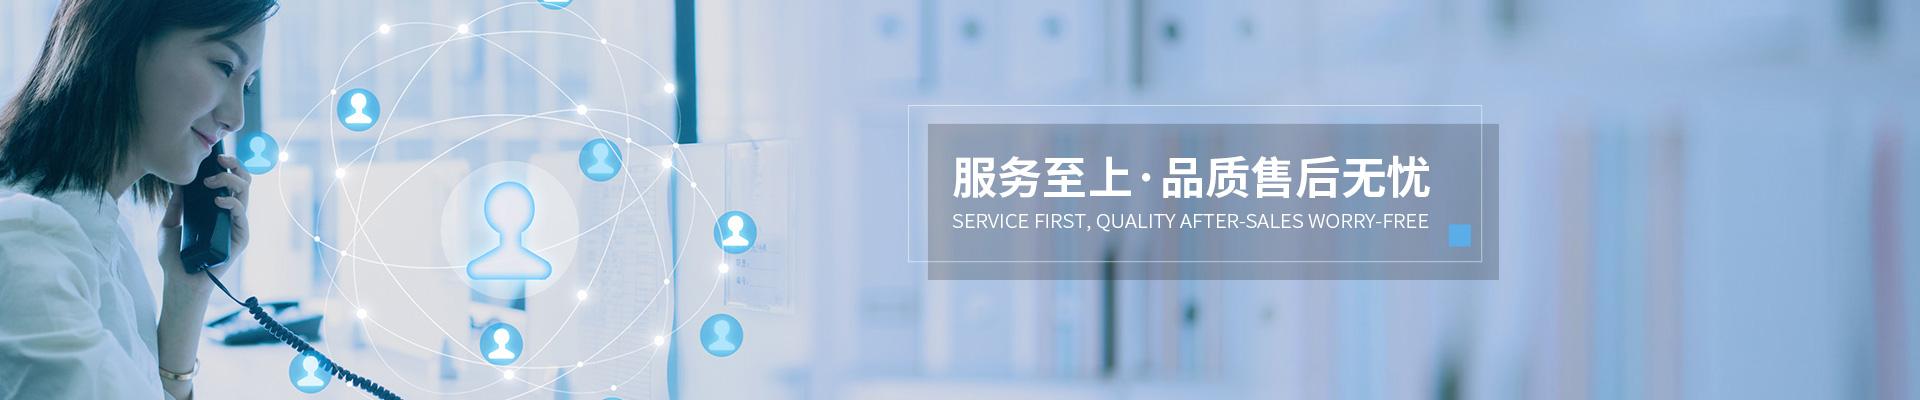 安徽购买计算机信息批量定制「上海冠艺电子科技有限公司」